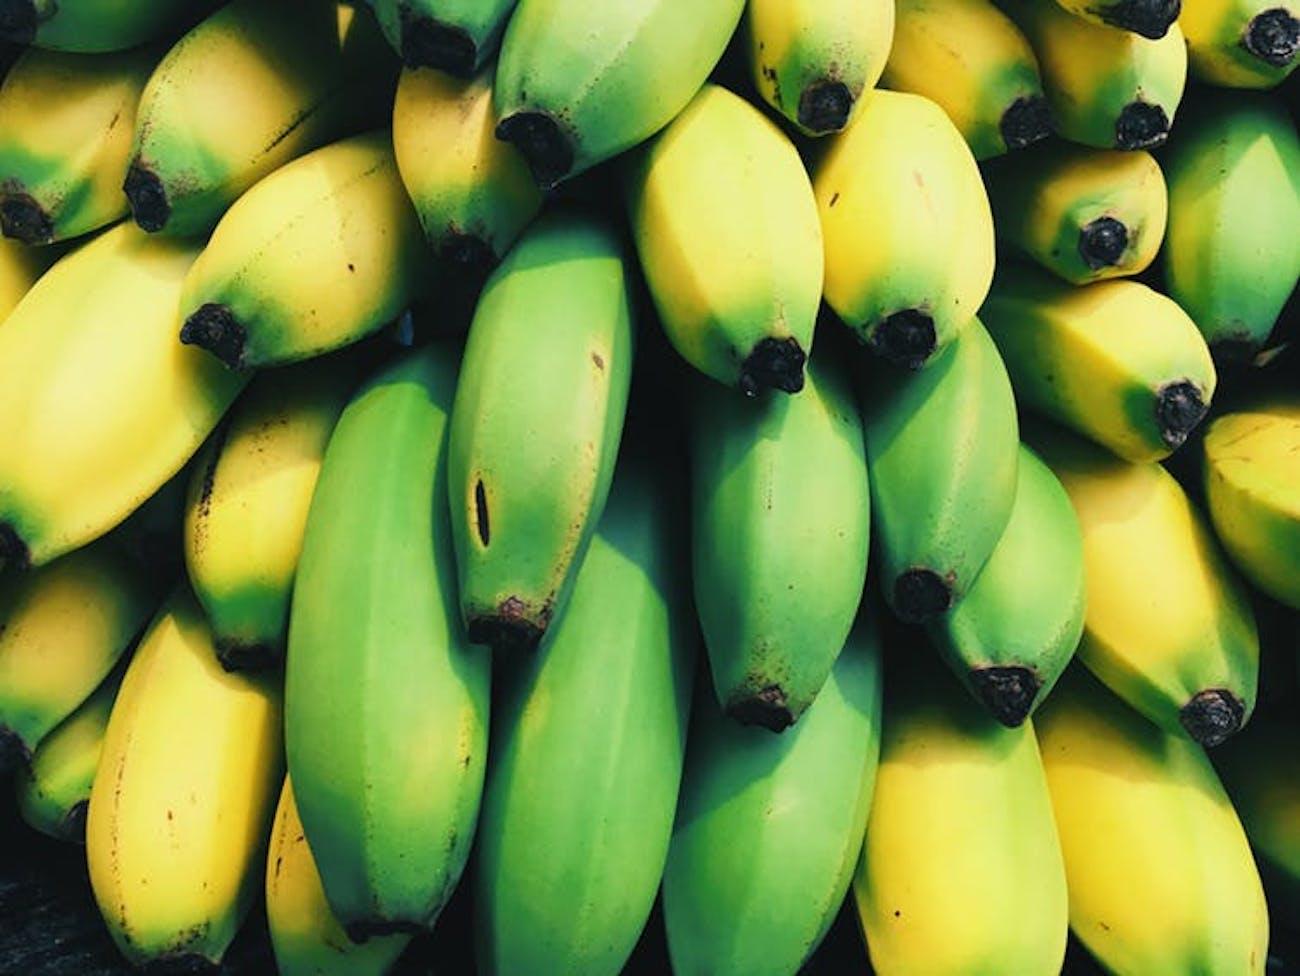 An average banana has 400 mg of potassium.